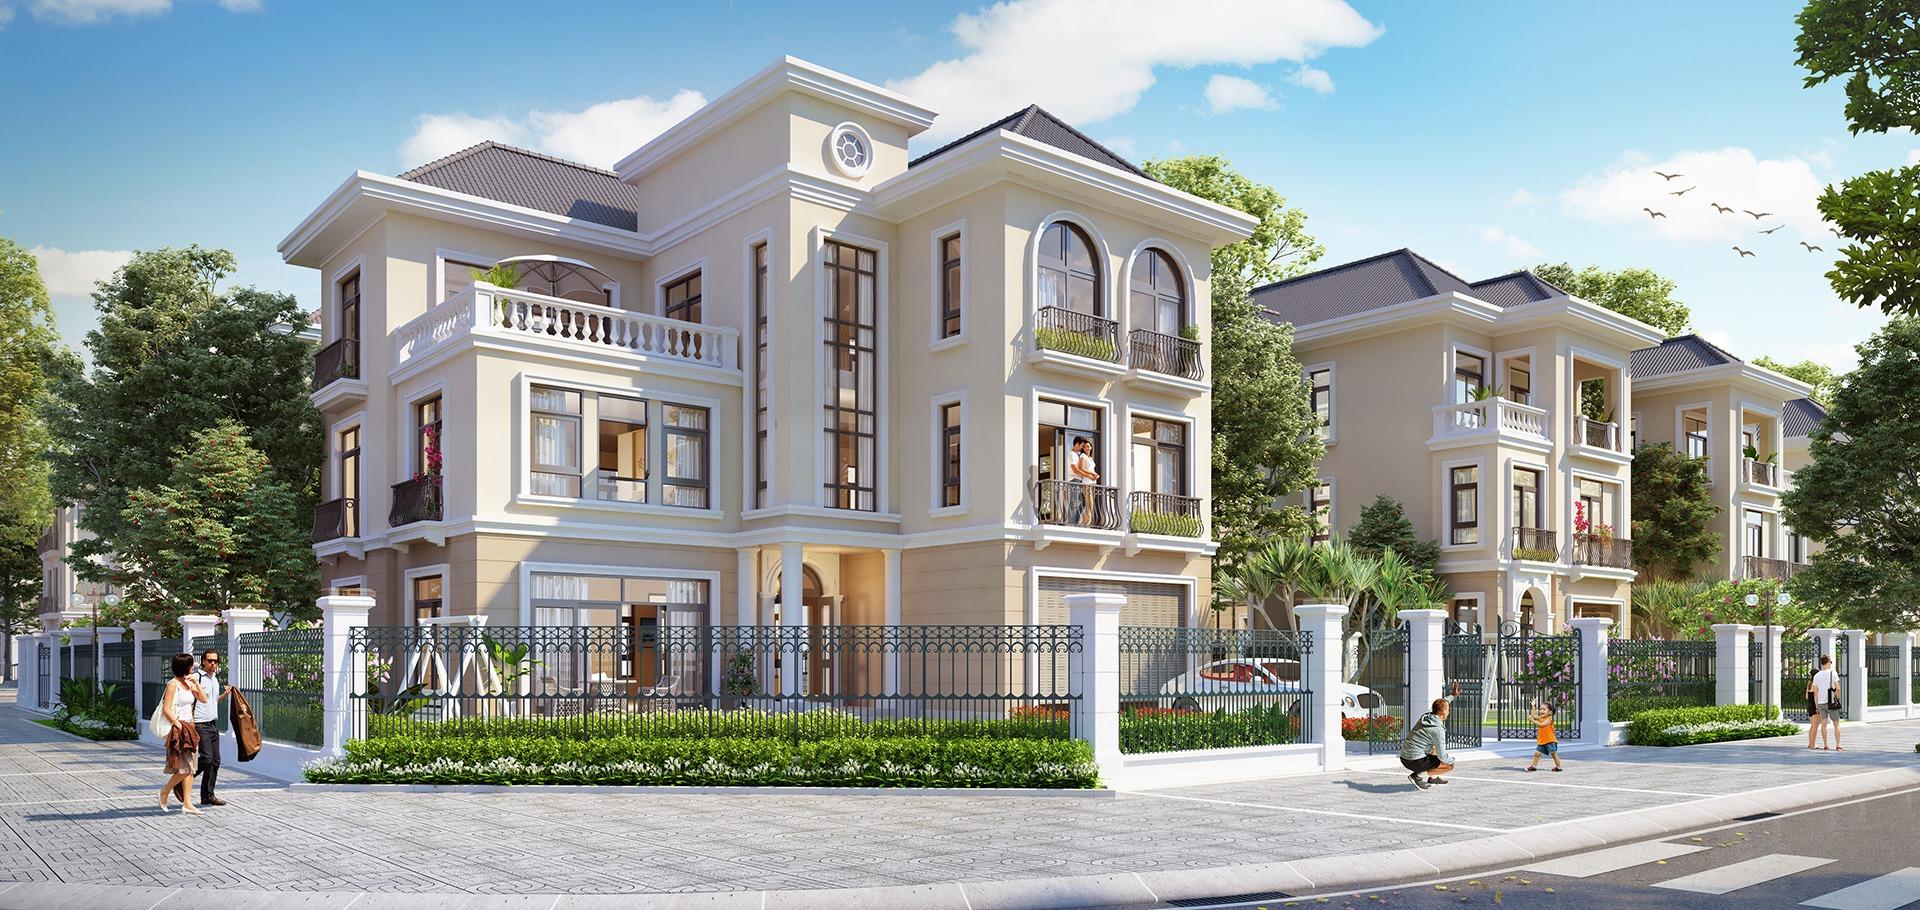 Bạn nên chọn mua căn hộ Vinhomes Dream City Văn Giang qua đơn vị uy tín